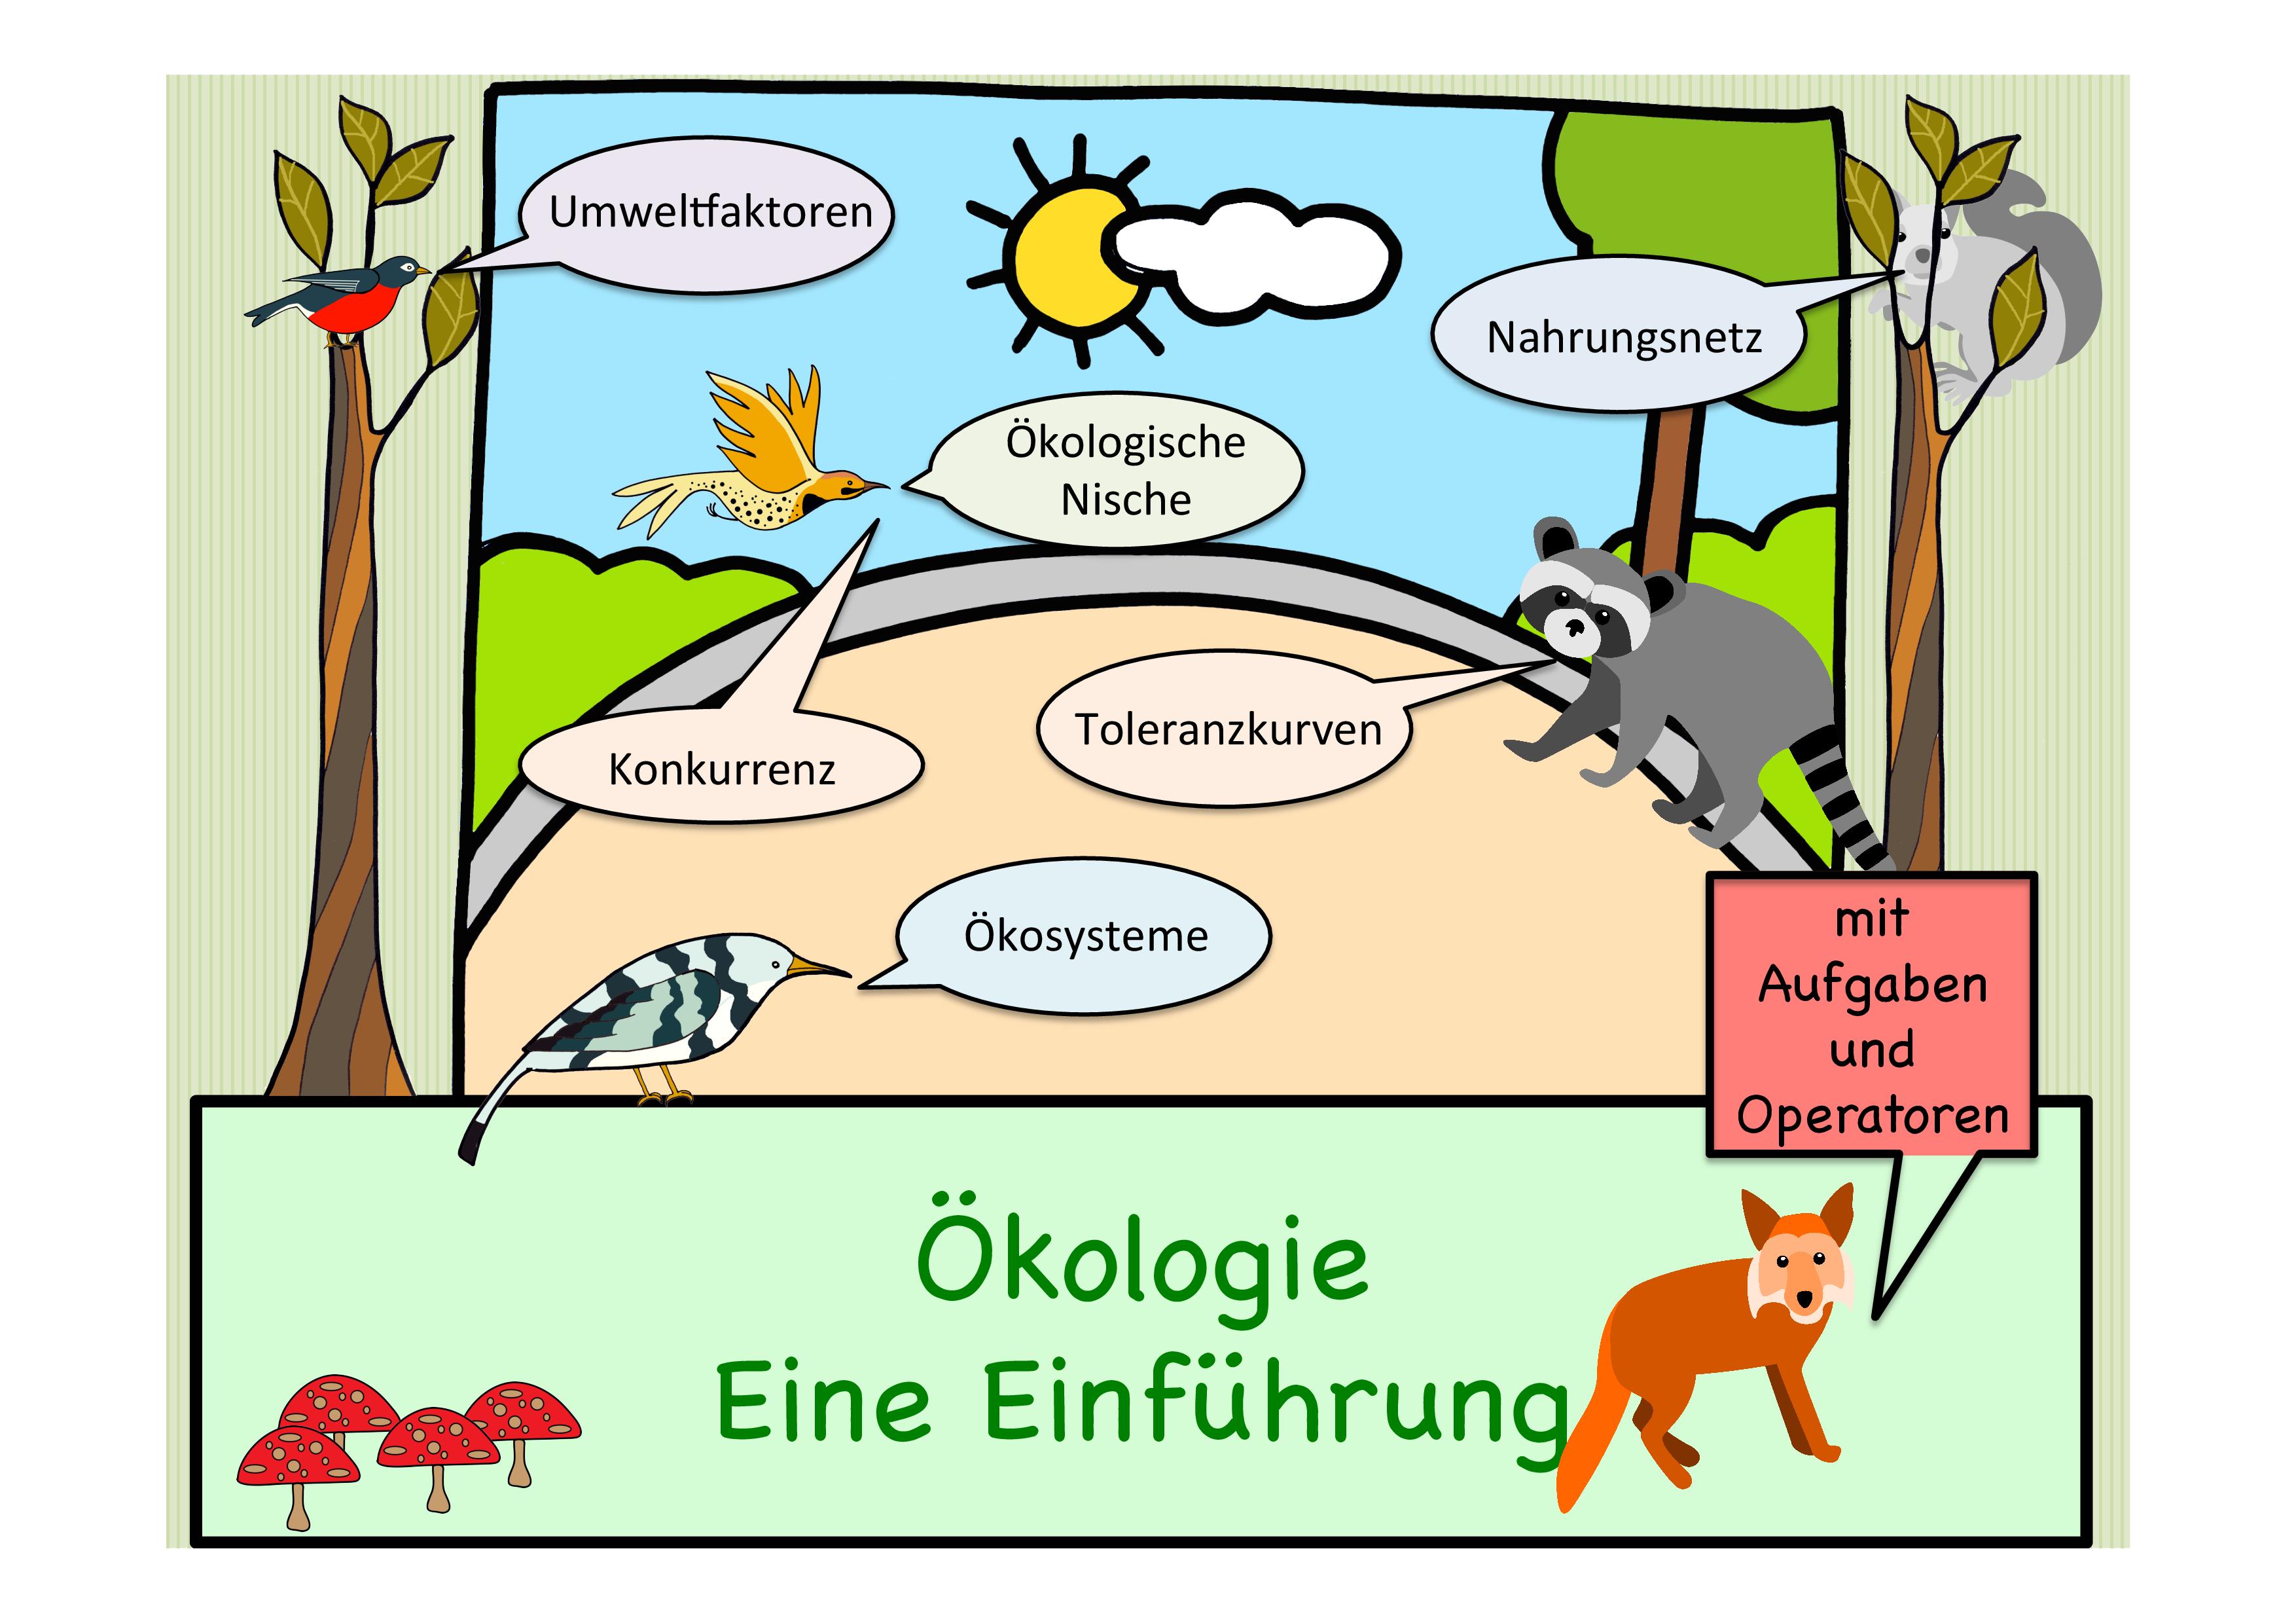 Okologie Eine Einfuhrung Okosysteme Umweltfaktoren Okologische Nische Habitat Nahrungsnetz Unterrichtsmaterial Im Fach Biologie In 2020 Okologie Lehrer Planer Unterrichten